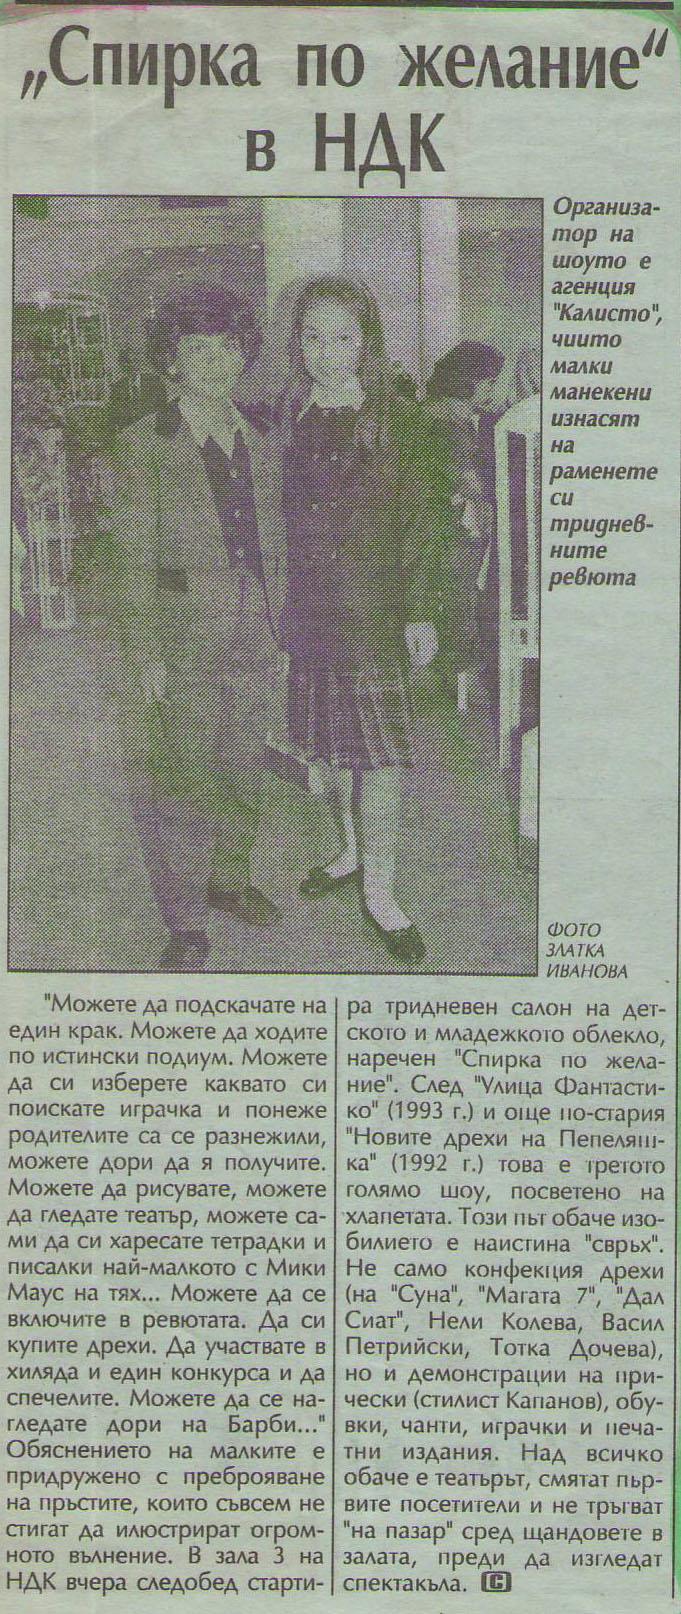 """""""Спирка по желание"""" в НДК"""